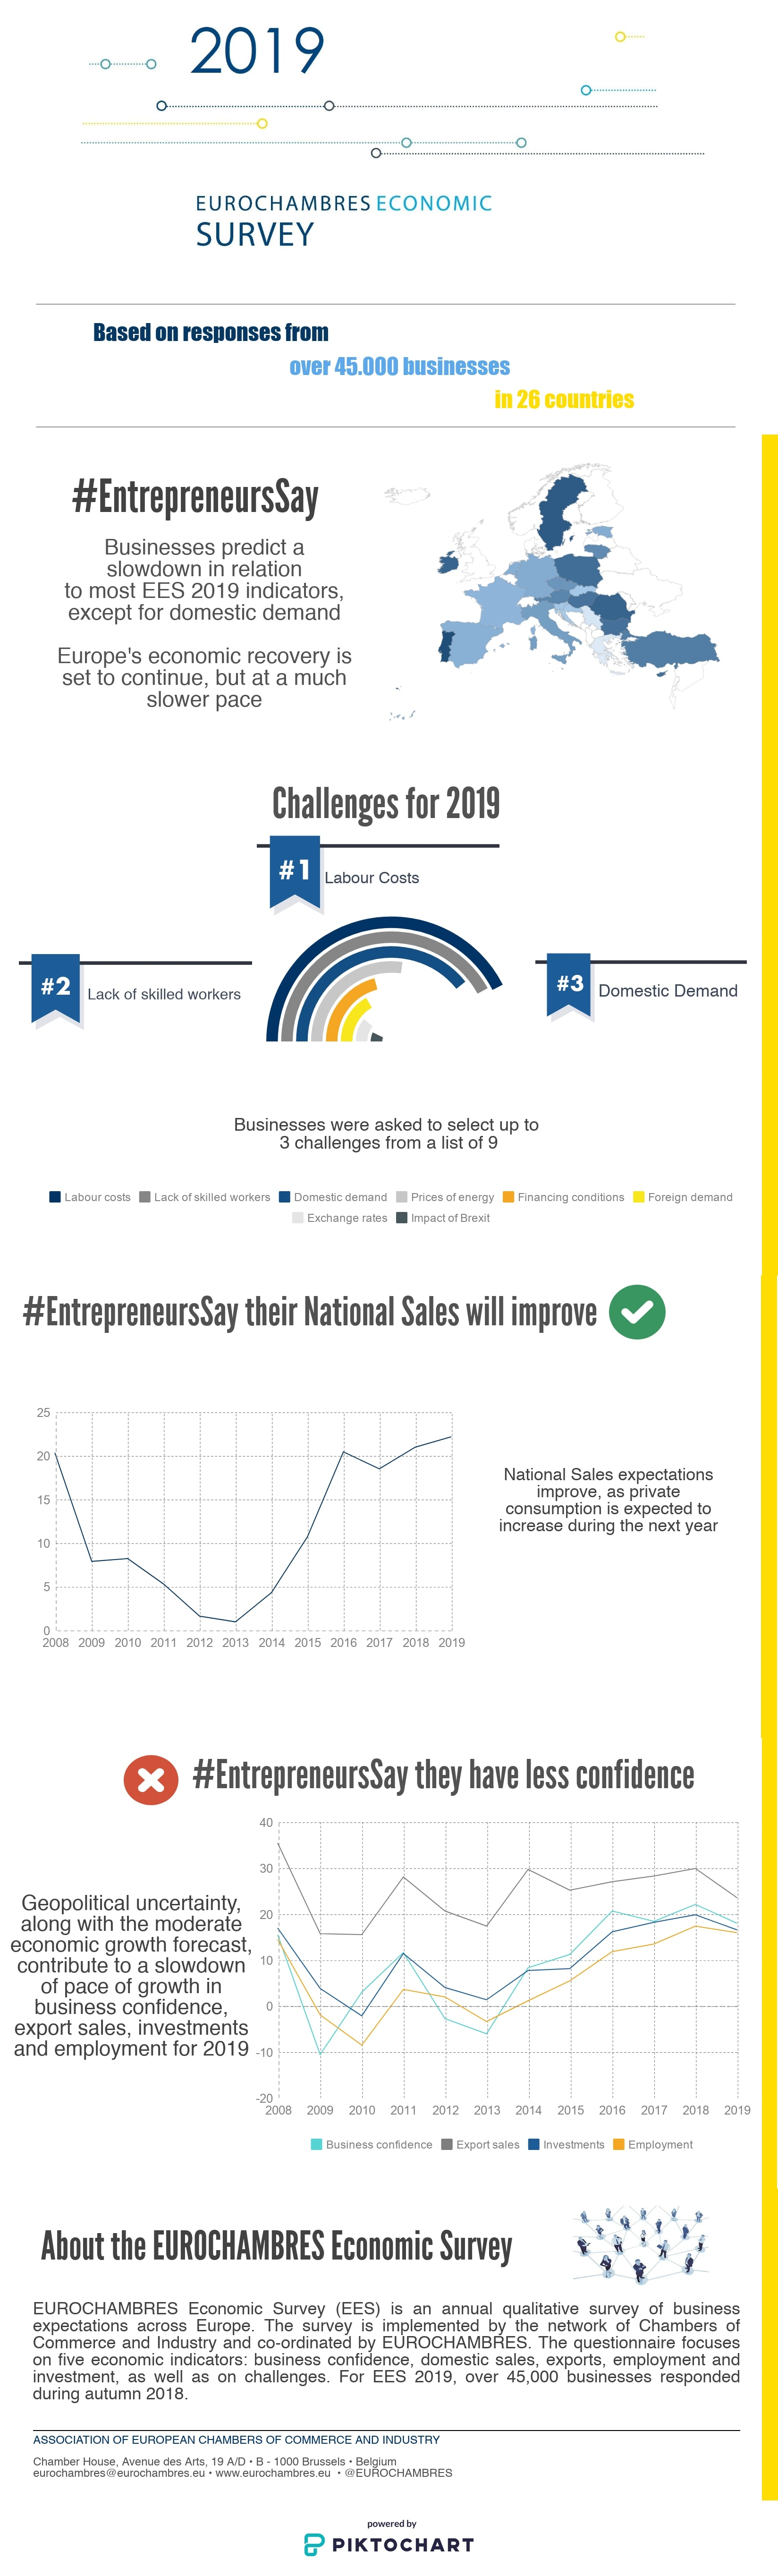 EES2019_infographic_nolinks-2018-00264-01